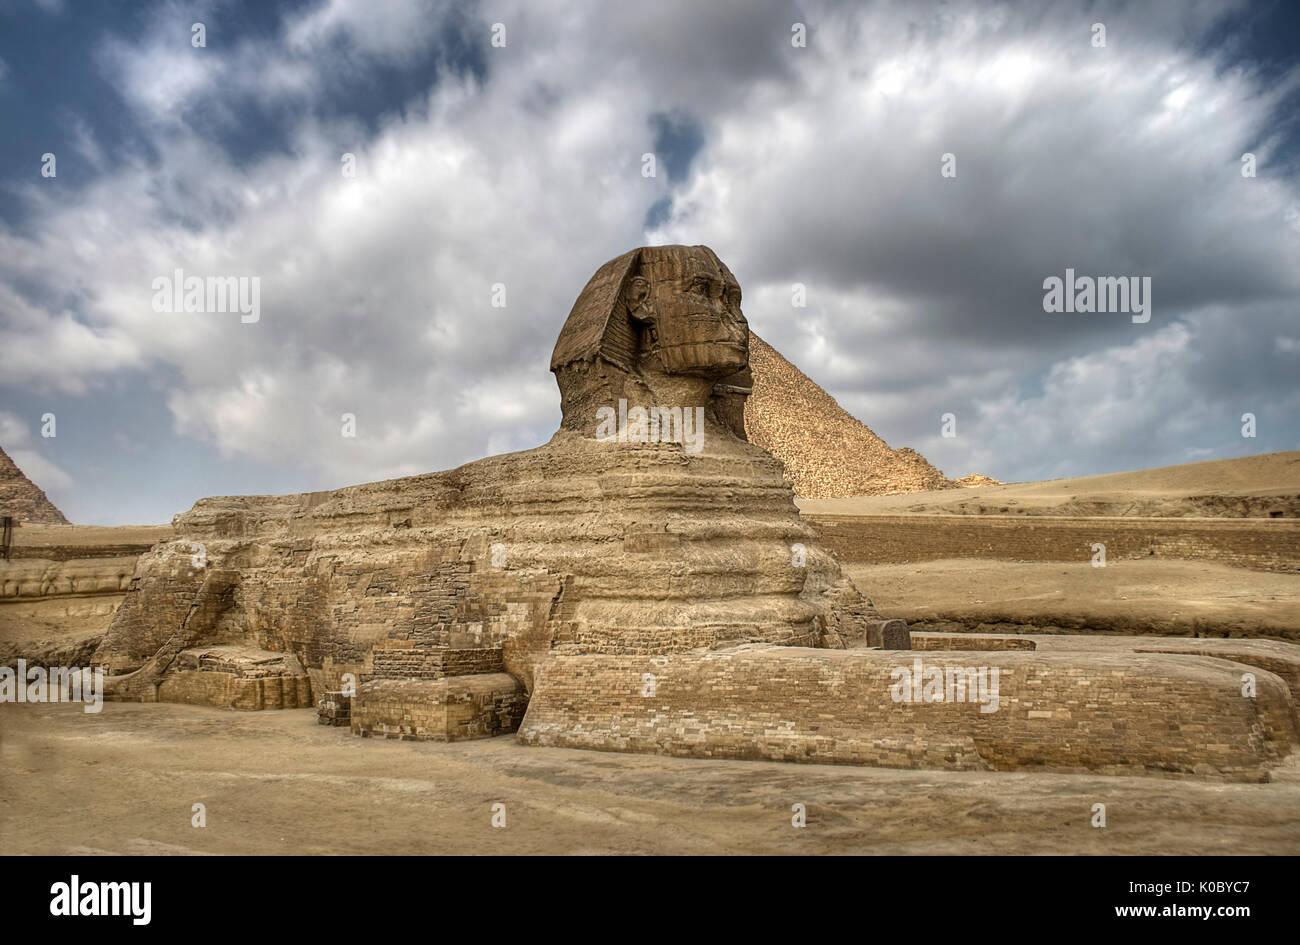 La esfinge custodiando las pirámides en giza plateu en El Cairo, Egipto. Imagen De Stock